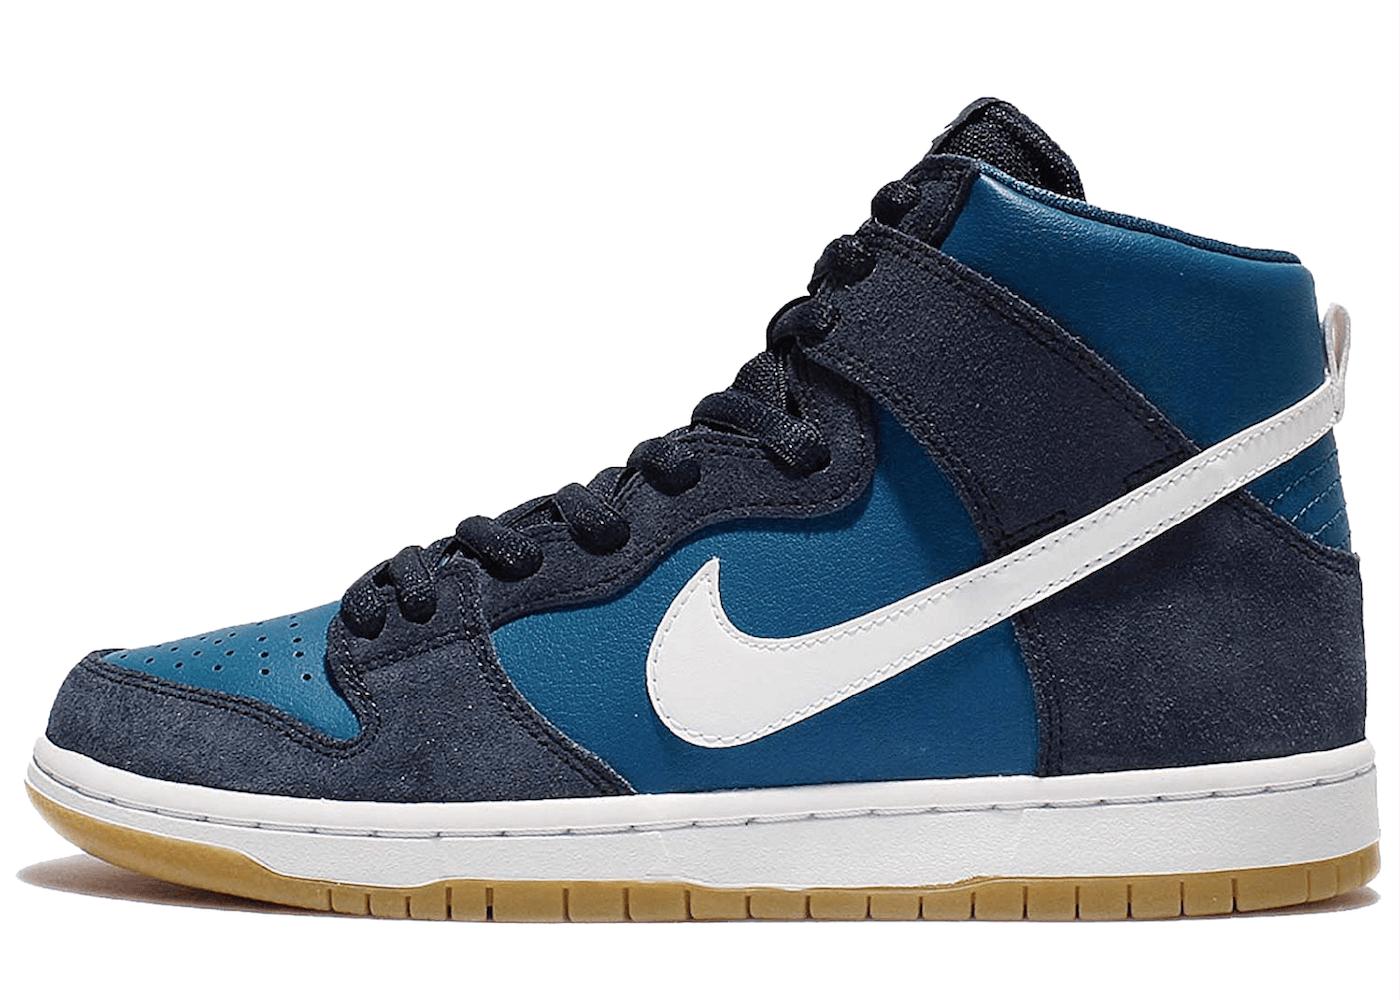 Nike SB Dunk High Industrial Blueの写真